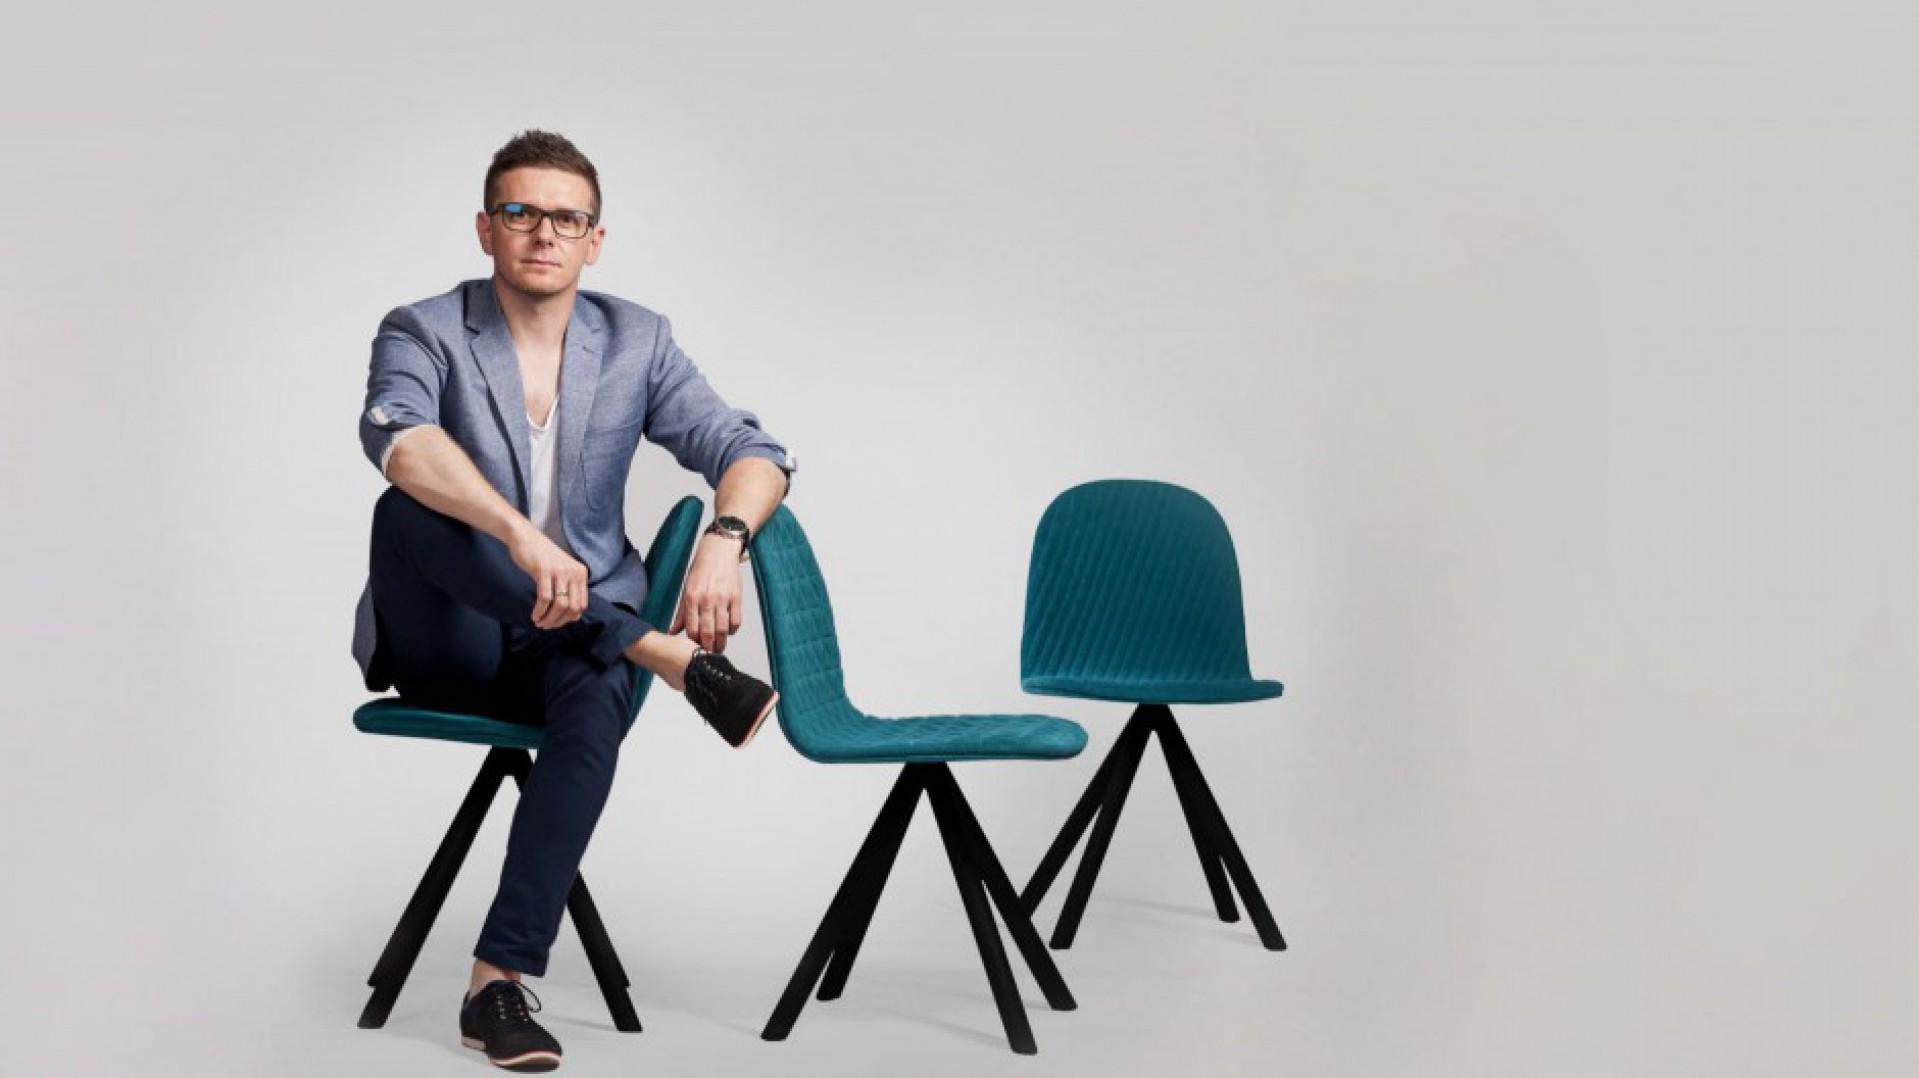 Tomasz Słomka, właściciel pracowni projektowej Toka+Home, weźmie udział w dyskusji, która odbędzie się 17 kwietnia br. podczas V edycji Forum Branży Łazienkowej. Fot. Archiwum